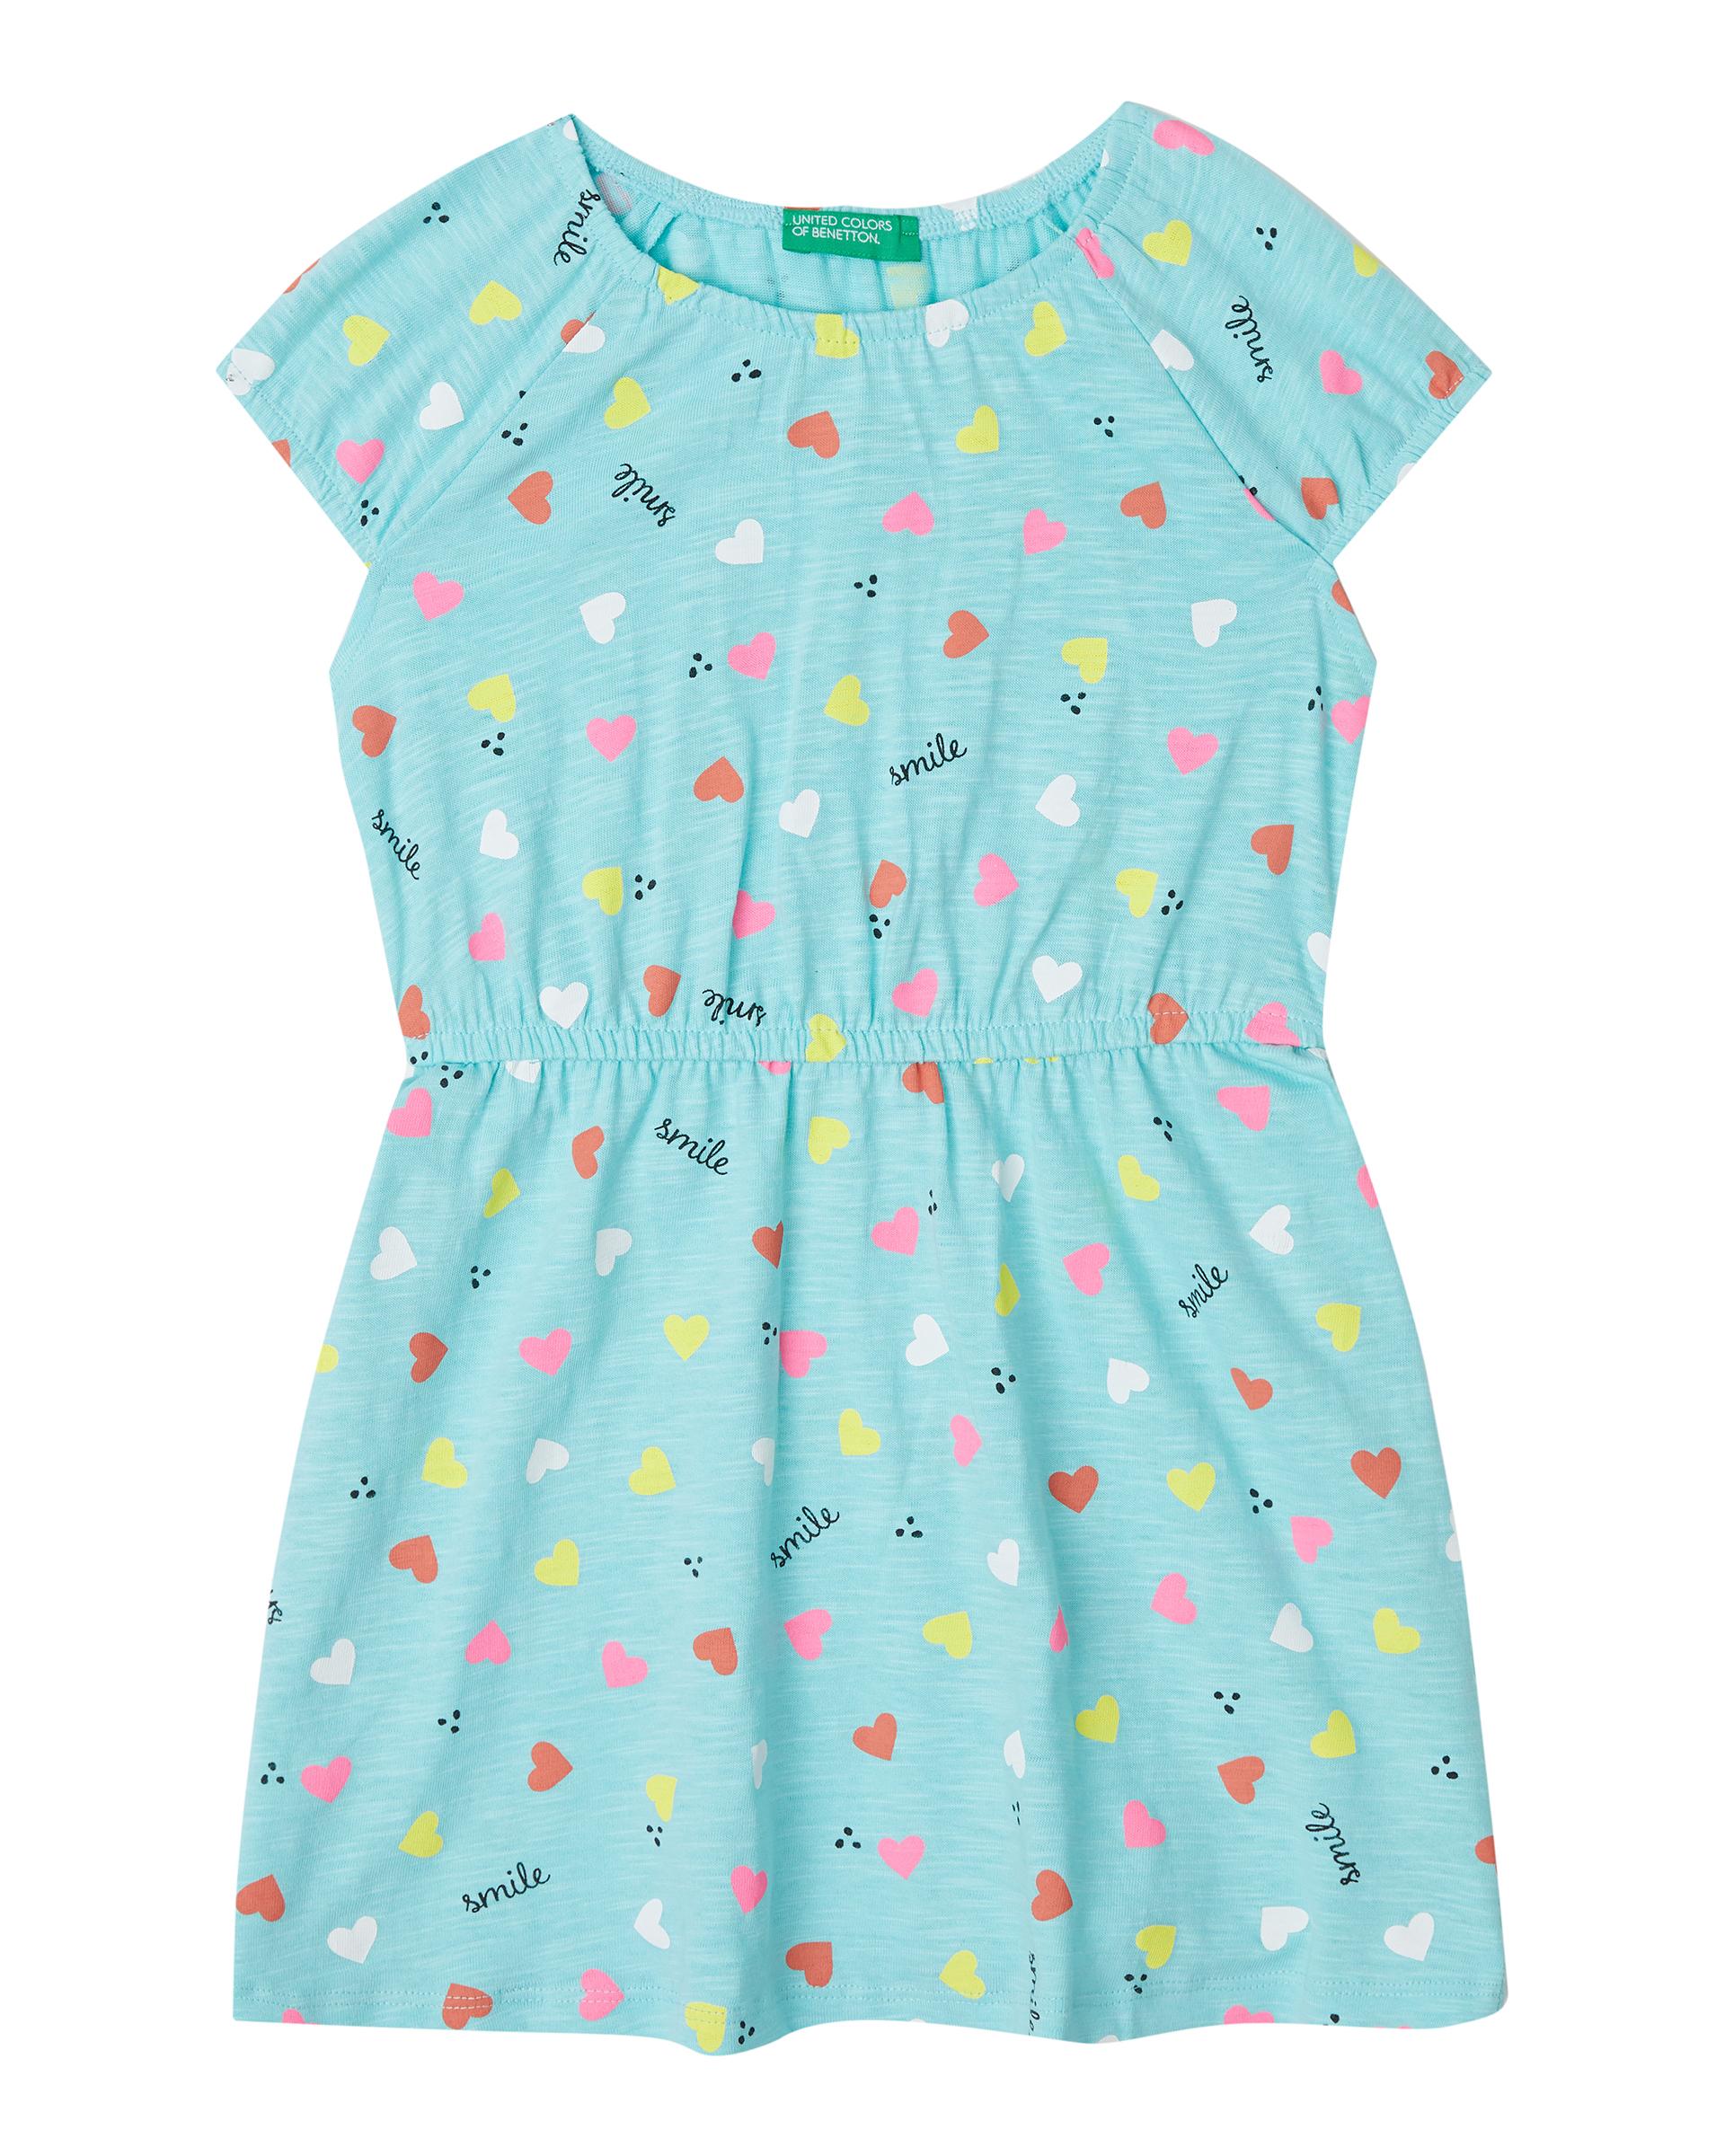 Купить 20P_3PL0F1A6P_65Z, Платье для девочек Benetton 3PL0F1A6P_65Z р-р 104, United Colors of Benetton, Платья для девочек